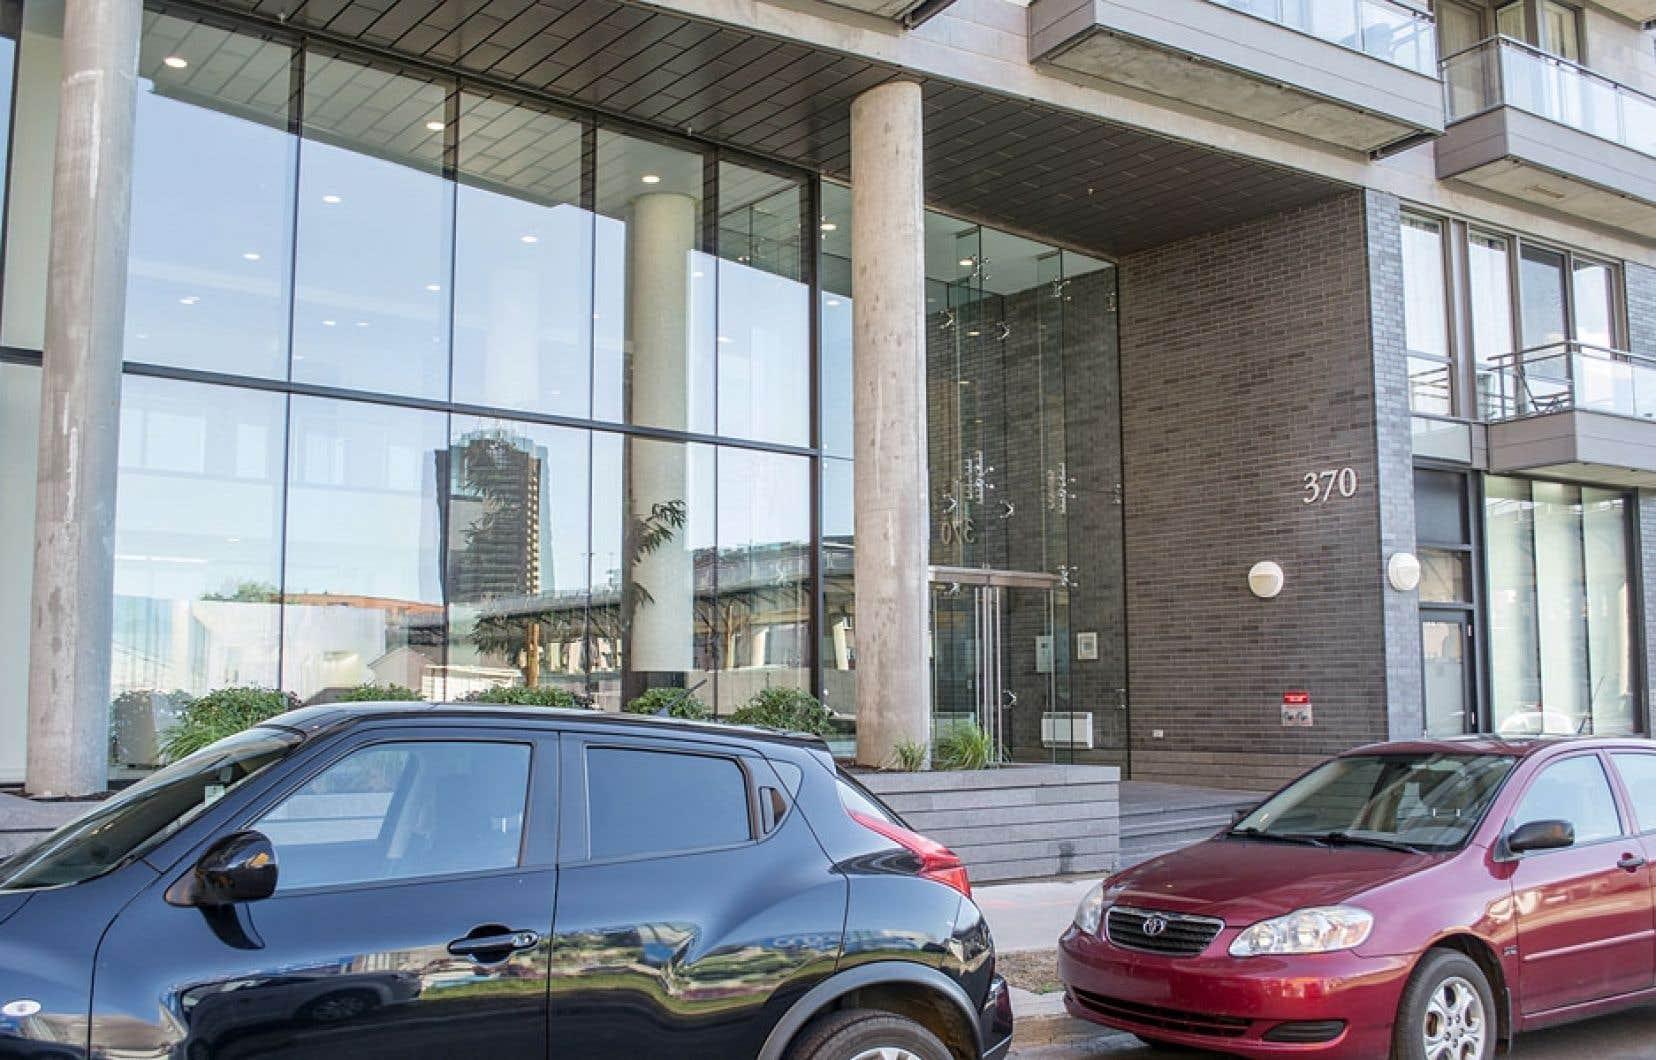 Les trois évadés de la prison d'Orsainville ont été arrêtés dans cet immeuble du Vieux-Montréal dimanche matin.